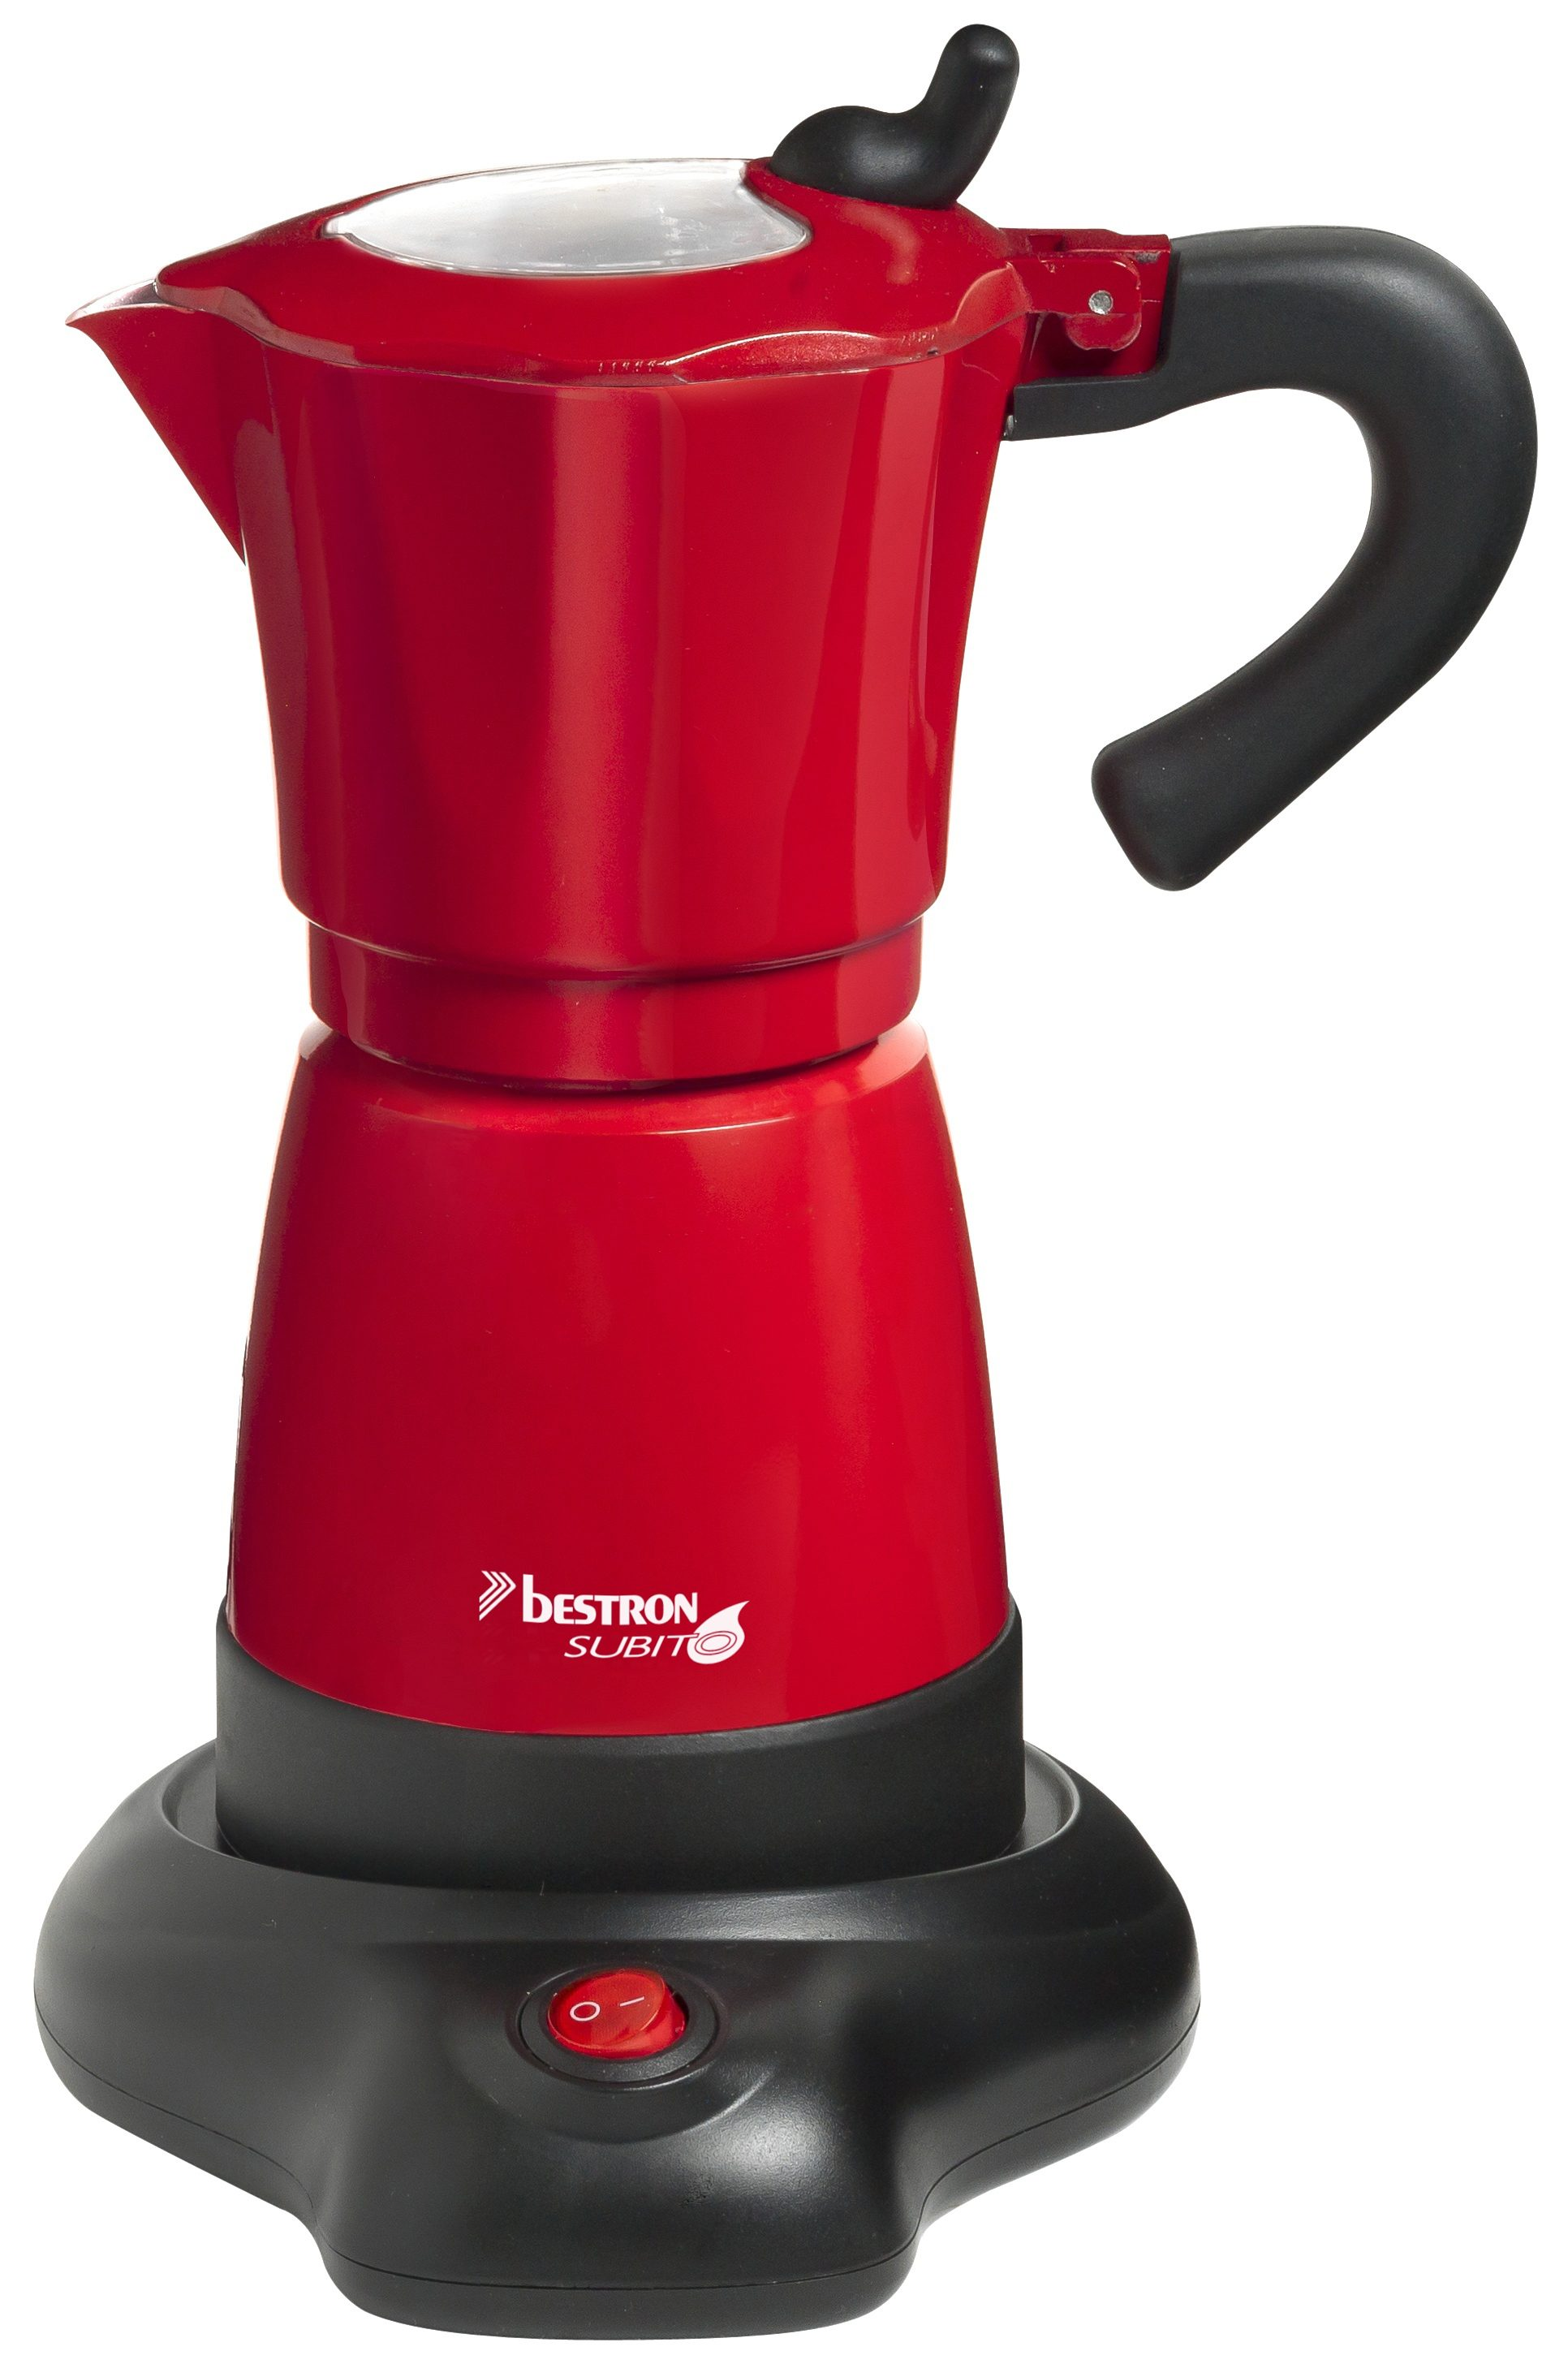 bestron Espressokocher AES480, für bis zu 6 Tassen Espresso, 8 Bar, Aluminiumgehäuse